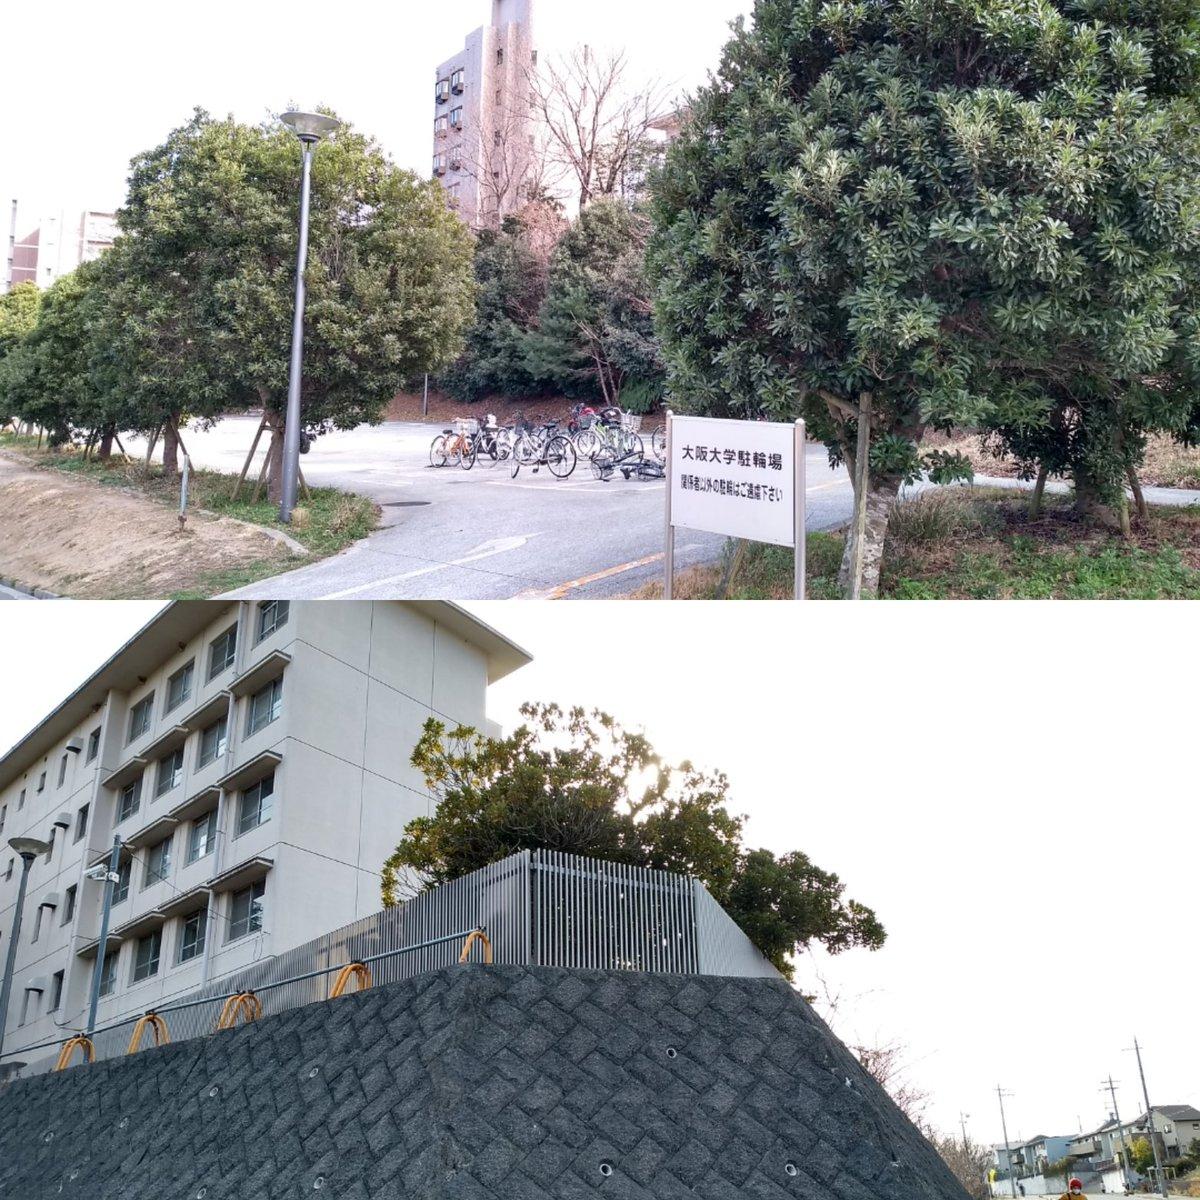 大学 大阪 外国 語 大阪大学外国語学部という選択肢 シンノスケ note